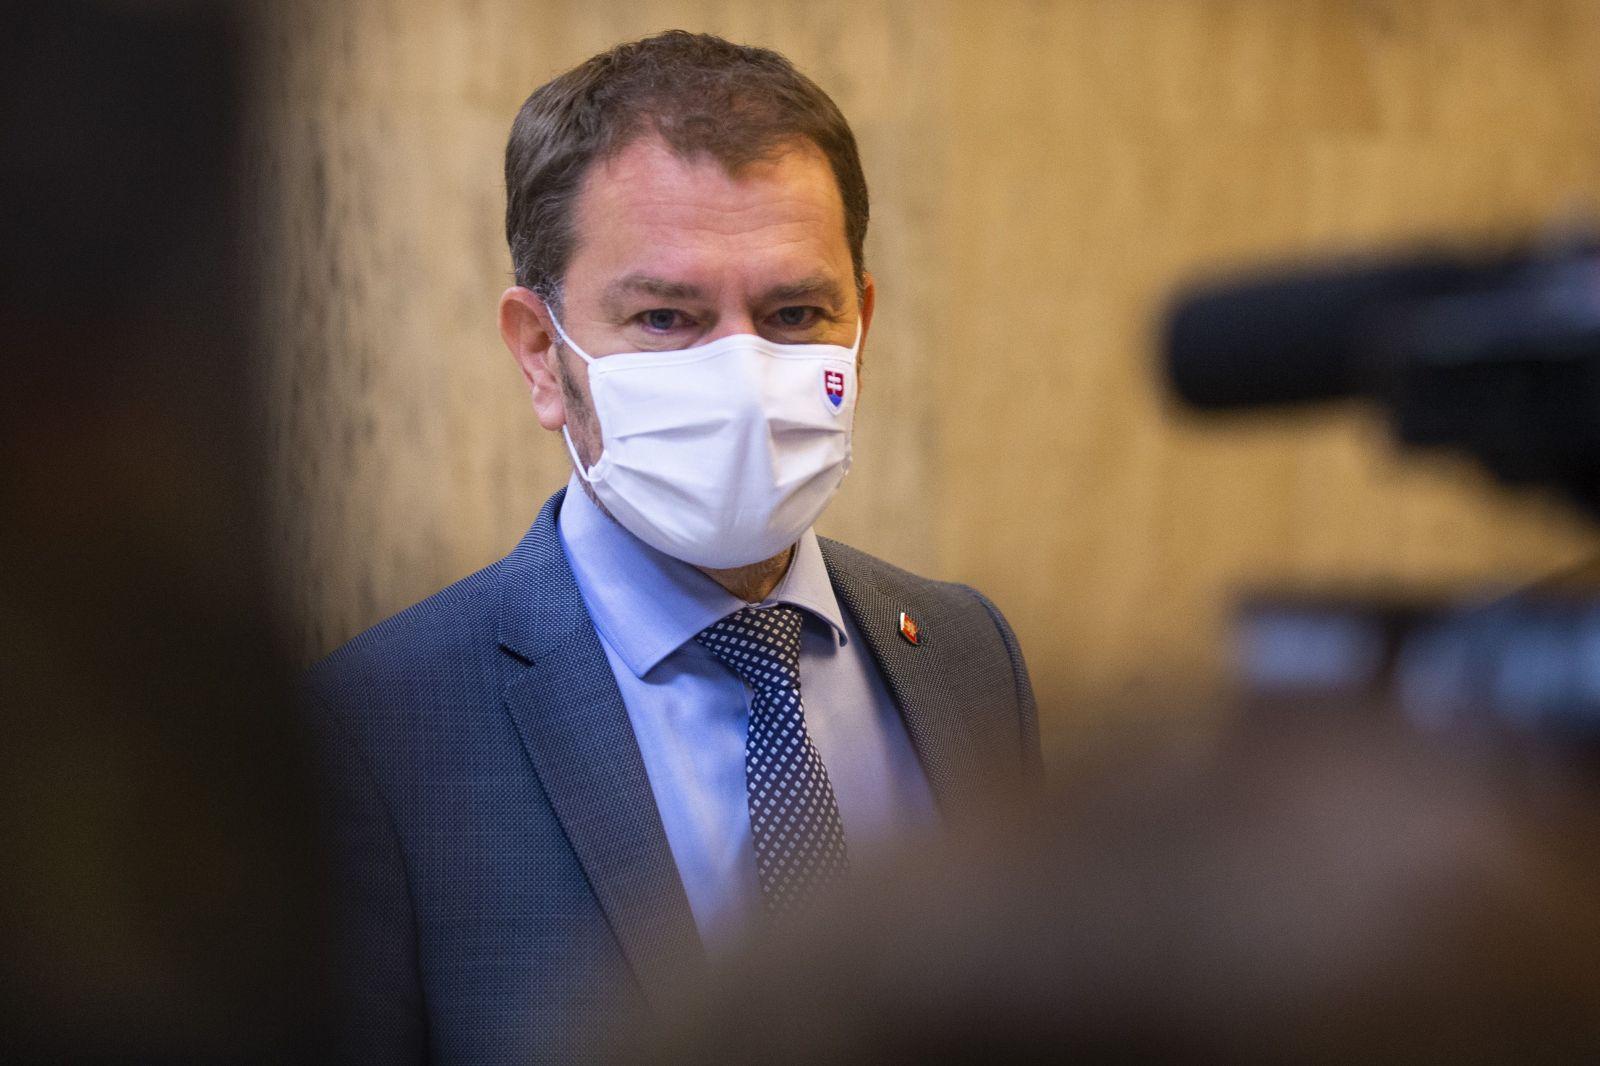 Nech Slováci volia skorumpovaných bastardov ako Fico a Pellegrini, keď po nich túžia, tvrdí Igor Matovič. On vyhrať voľby nechcel